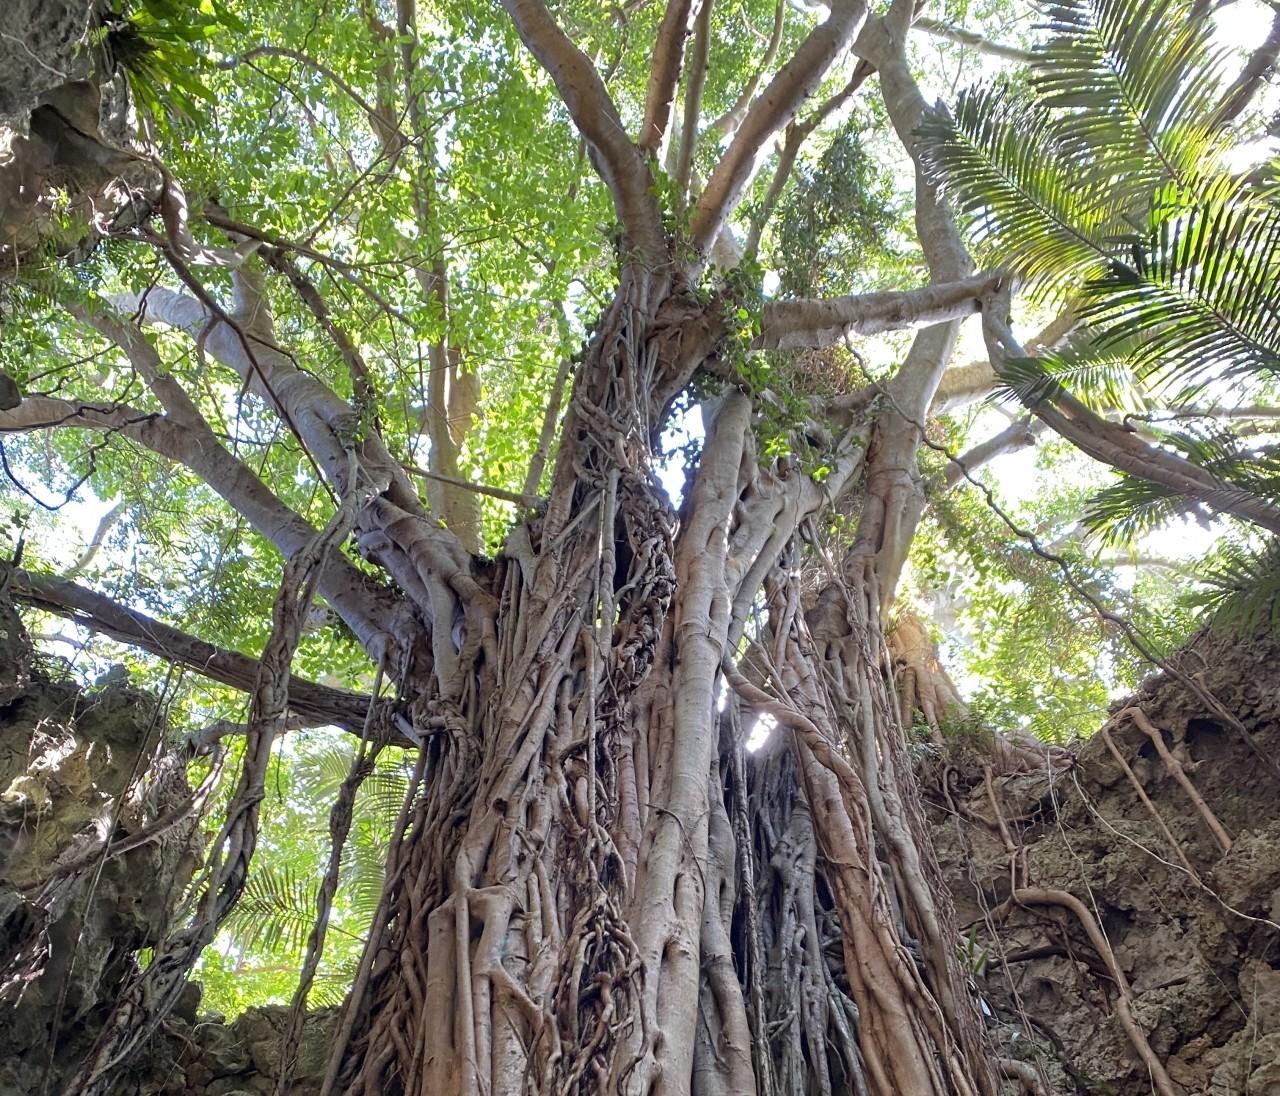 【沖縄旅行記②】唯一の観光は、ガンガラーの谷へ。